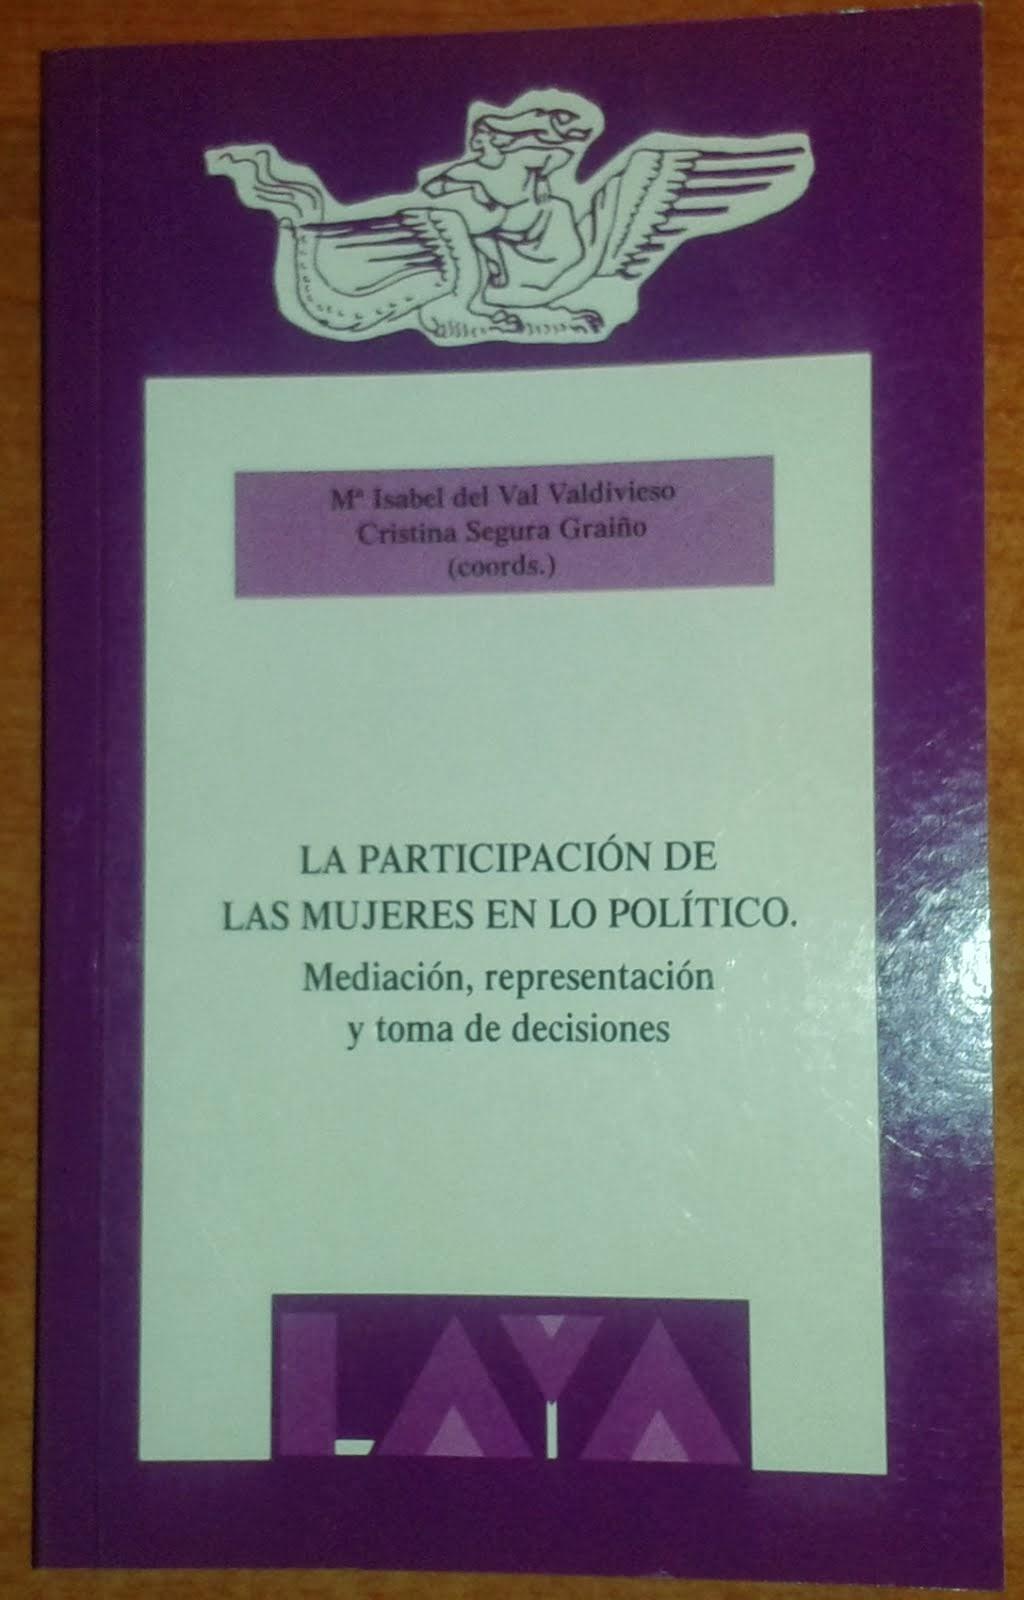 LA PARTICIPACIÓN DE LAS MUJERES EN LO POLÍTICO